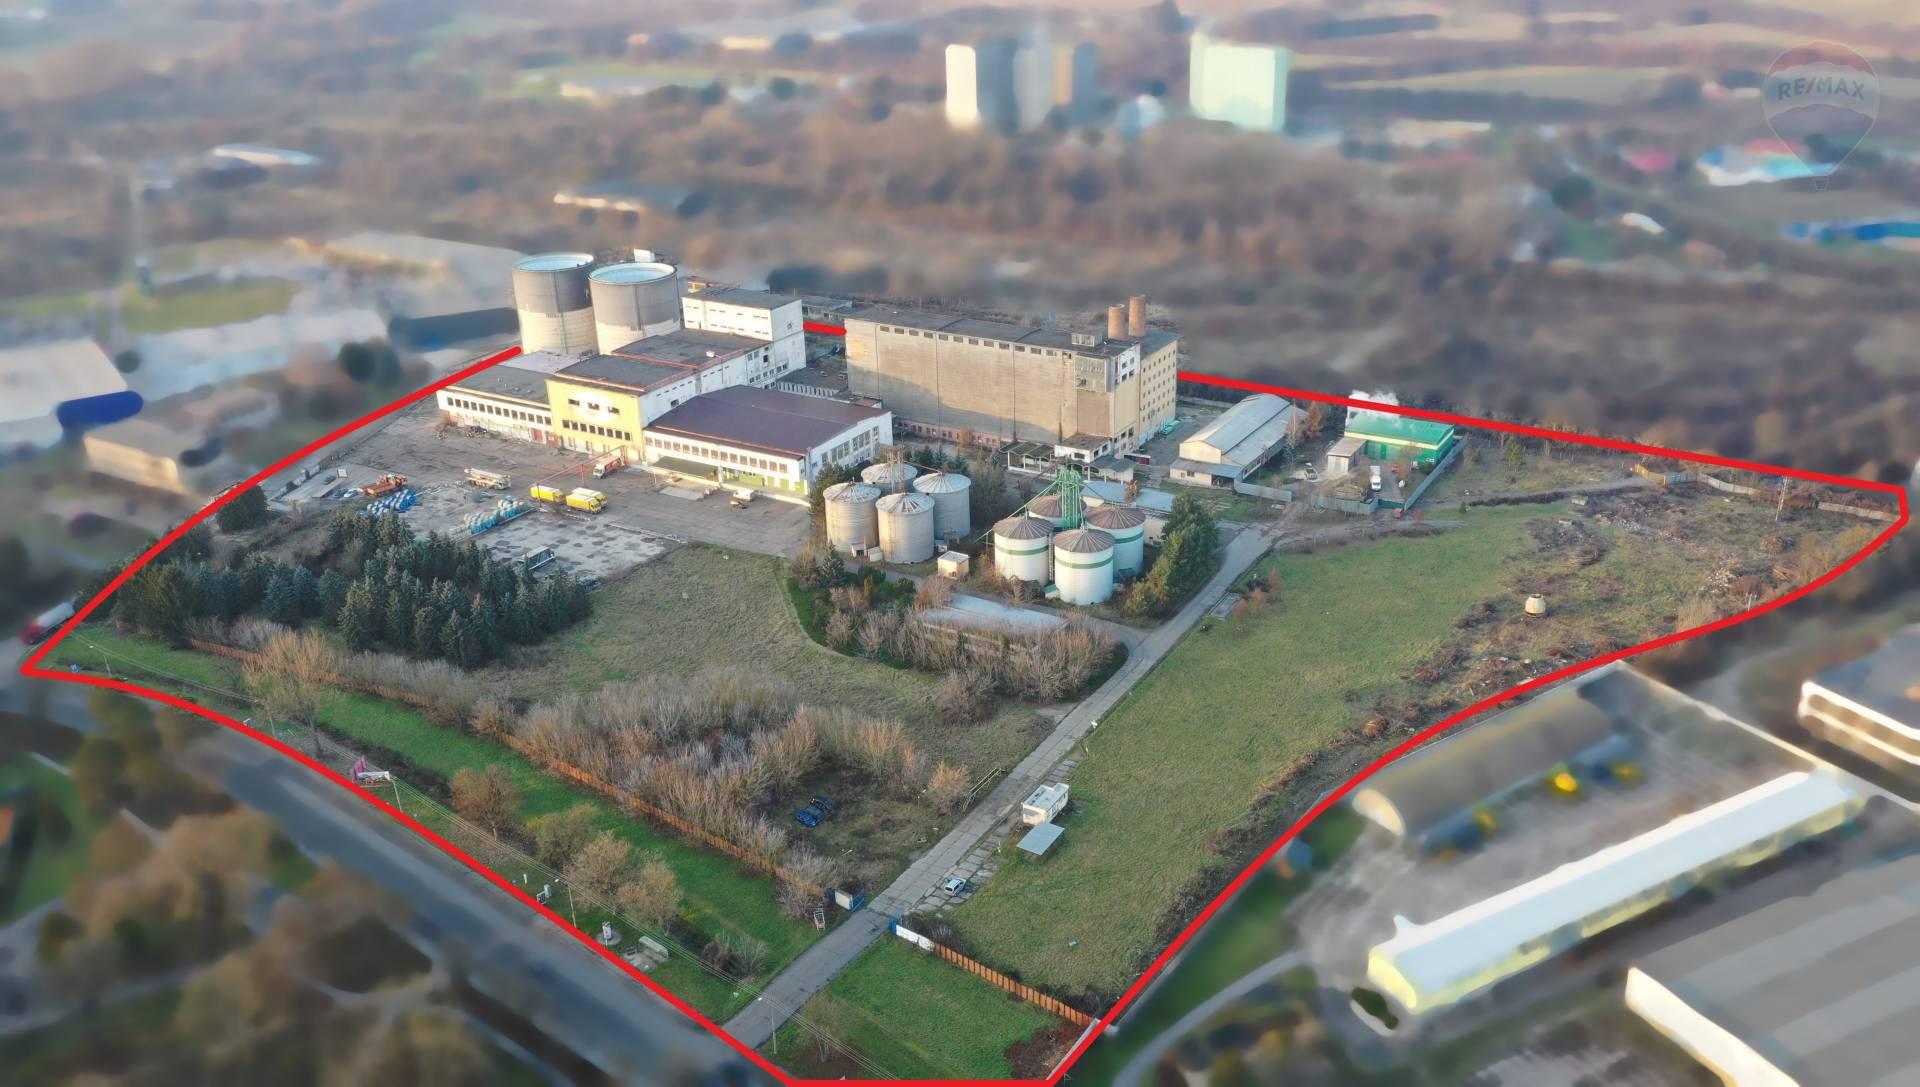 Predaj komerčného objektu 80576 m2, Rimavská Sobota - Rimavská Sobota, pivovar, predaj, areál